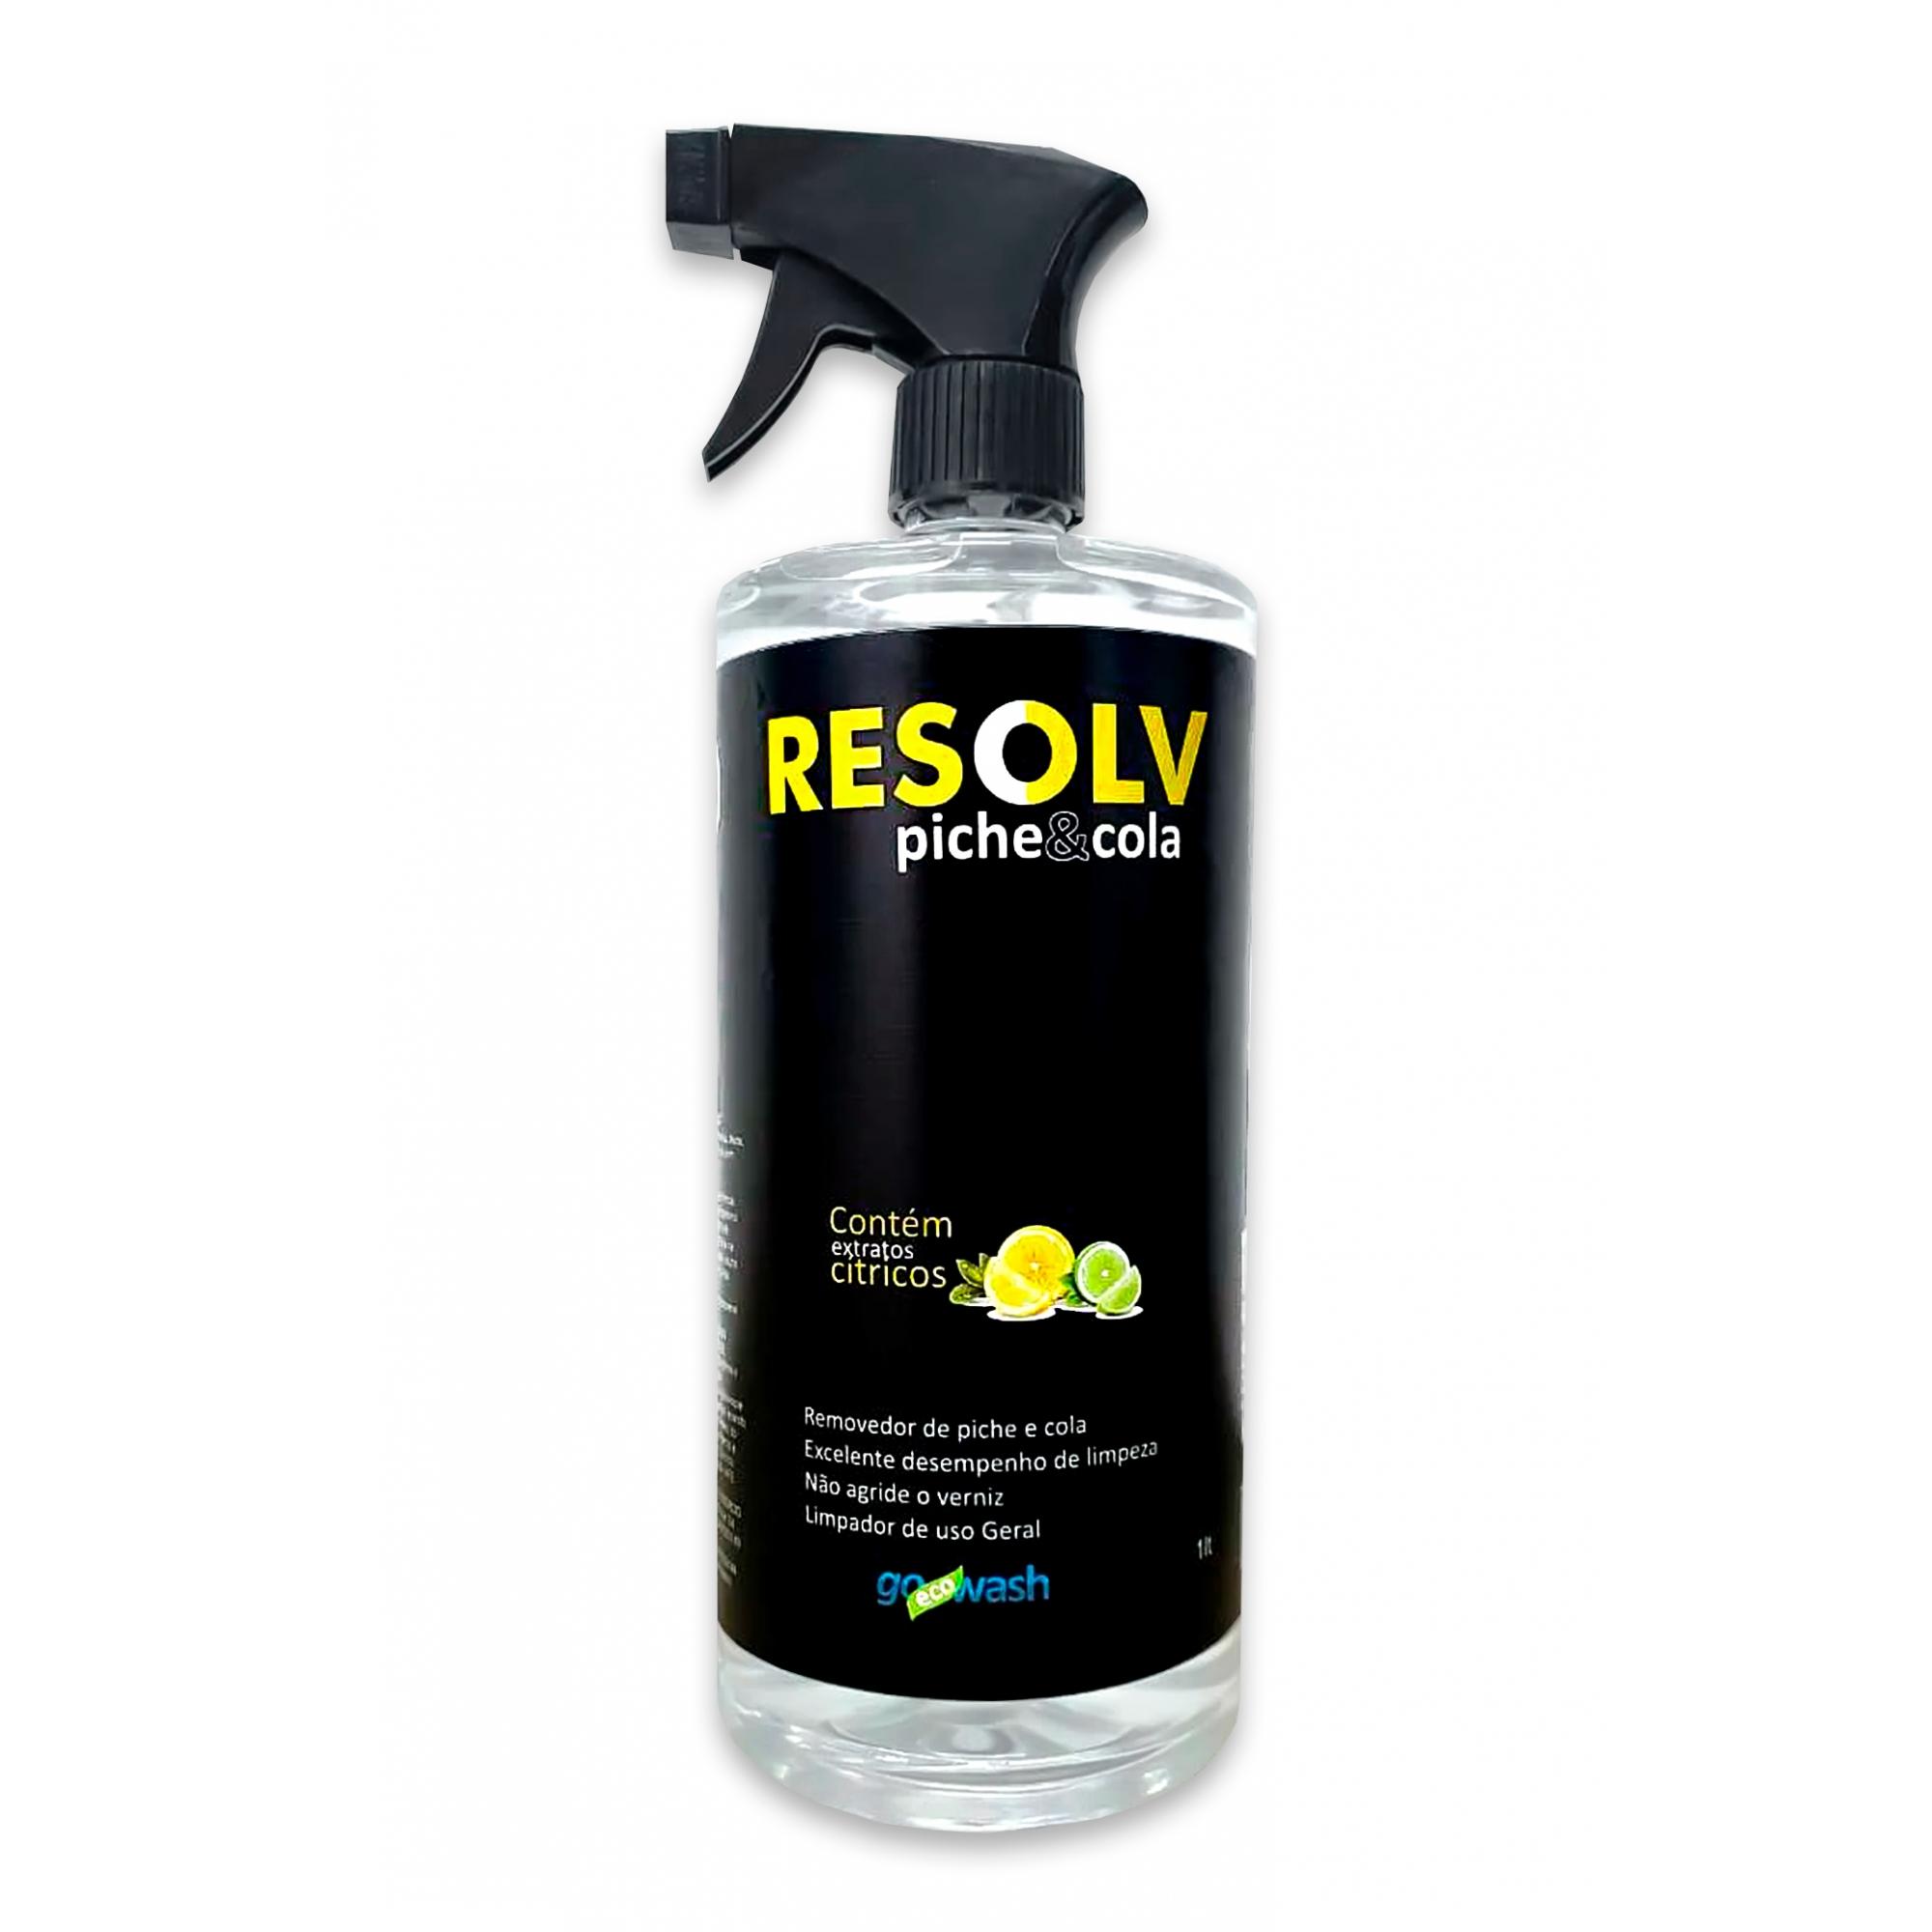 Resolv 1L - Removedor de Piche e Cola Go Eco Wash